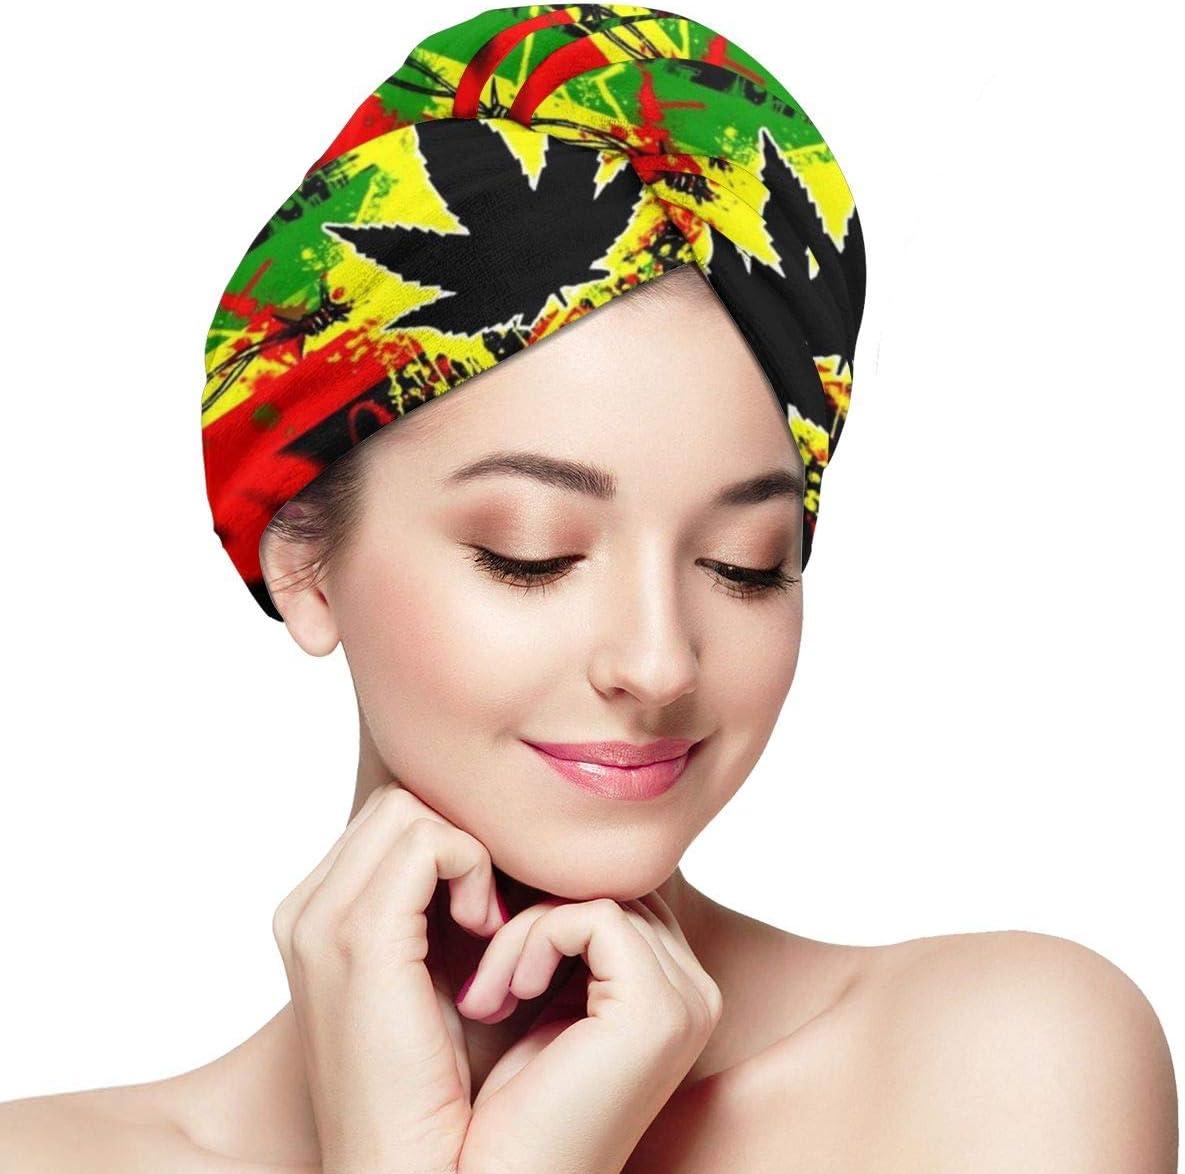 RTBB - Toallas de secado rápido para cabello seco y con hojas de marihuana y cannabis de marihuana negra superabsorbente, para damas y niñas, baño de spa